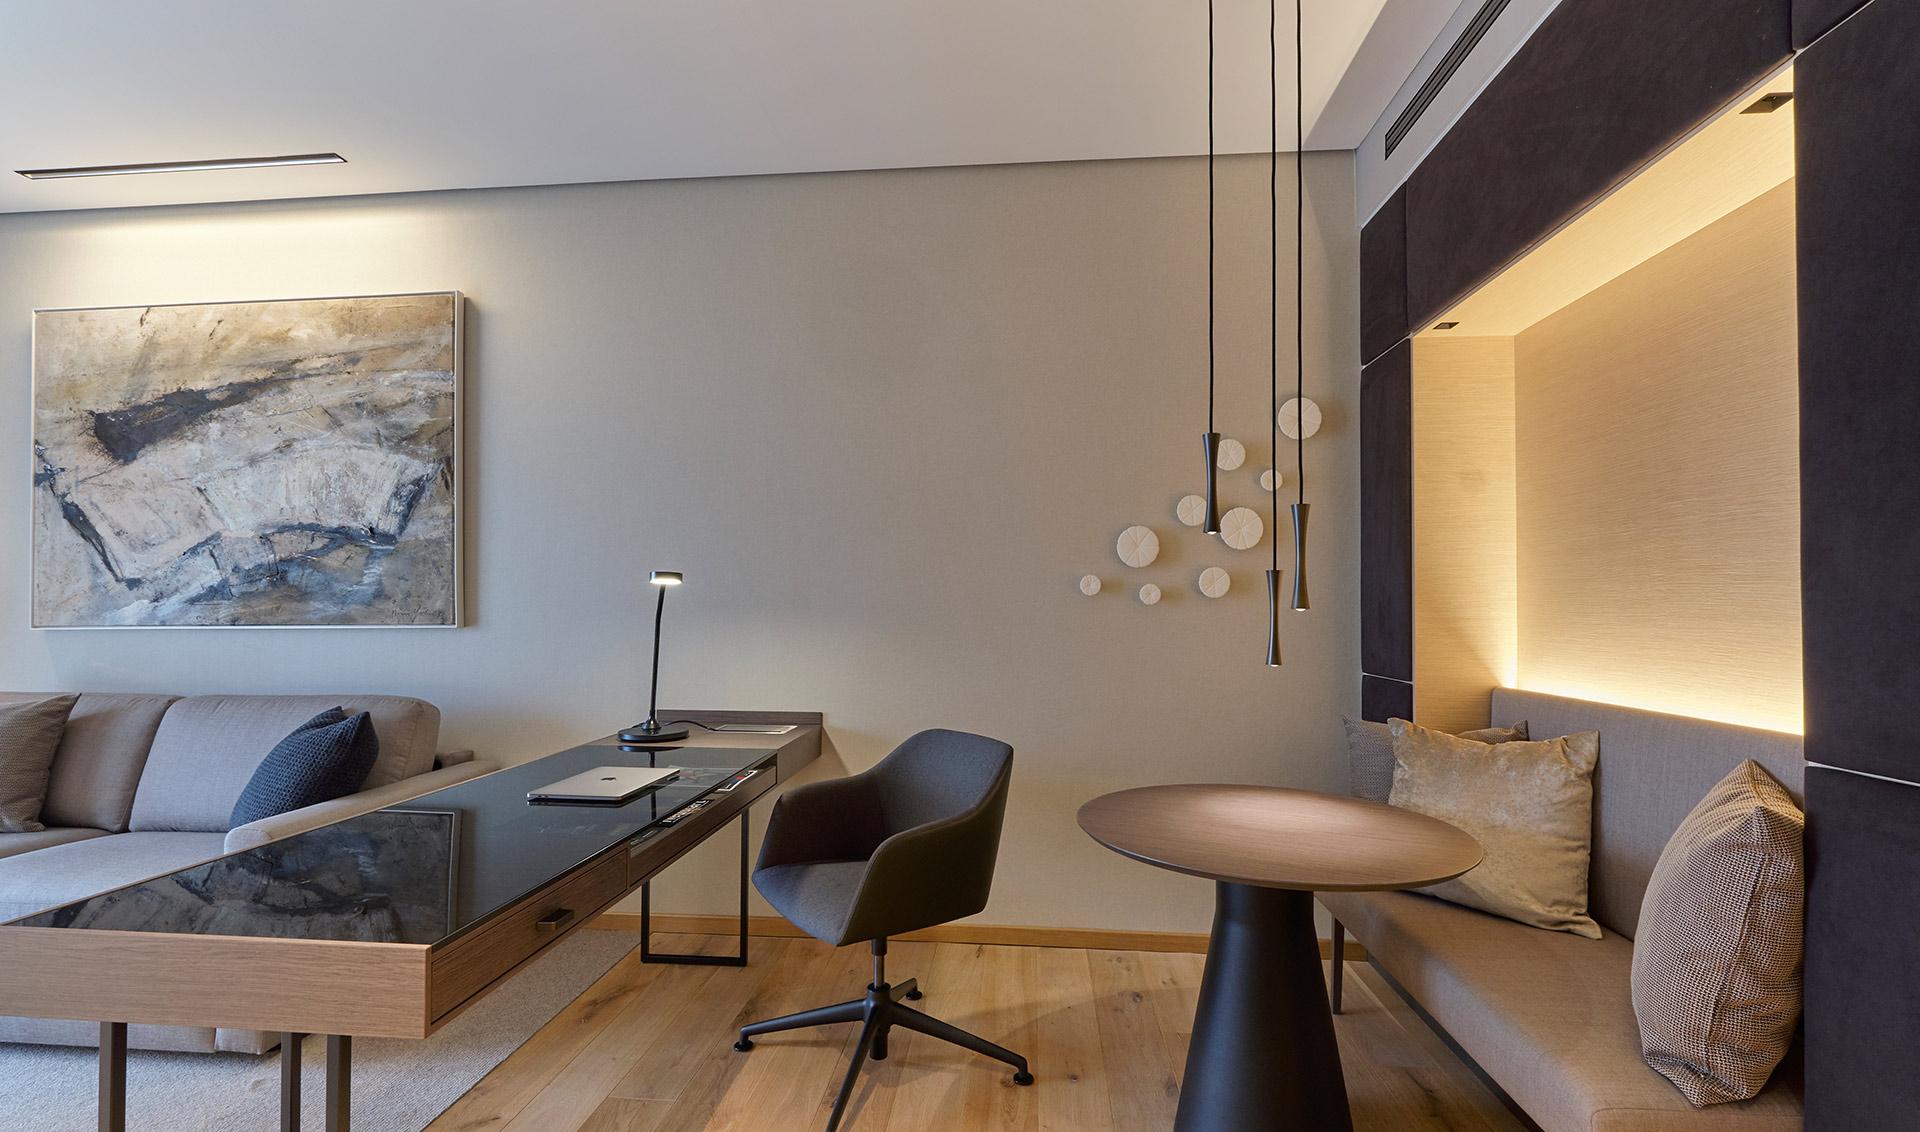 Schreibtisch und Sitzgelegenheit im Zimmer im Hotel Der Öschberghof in Donaueschingen. Entworfen von JOI-Design.